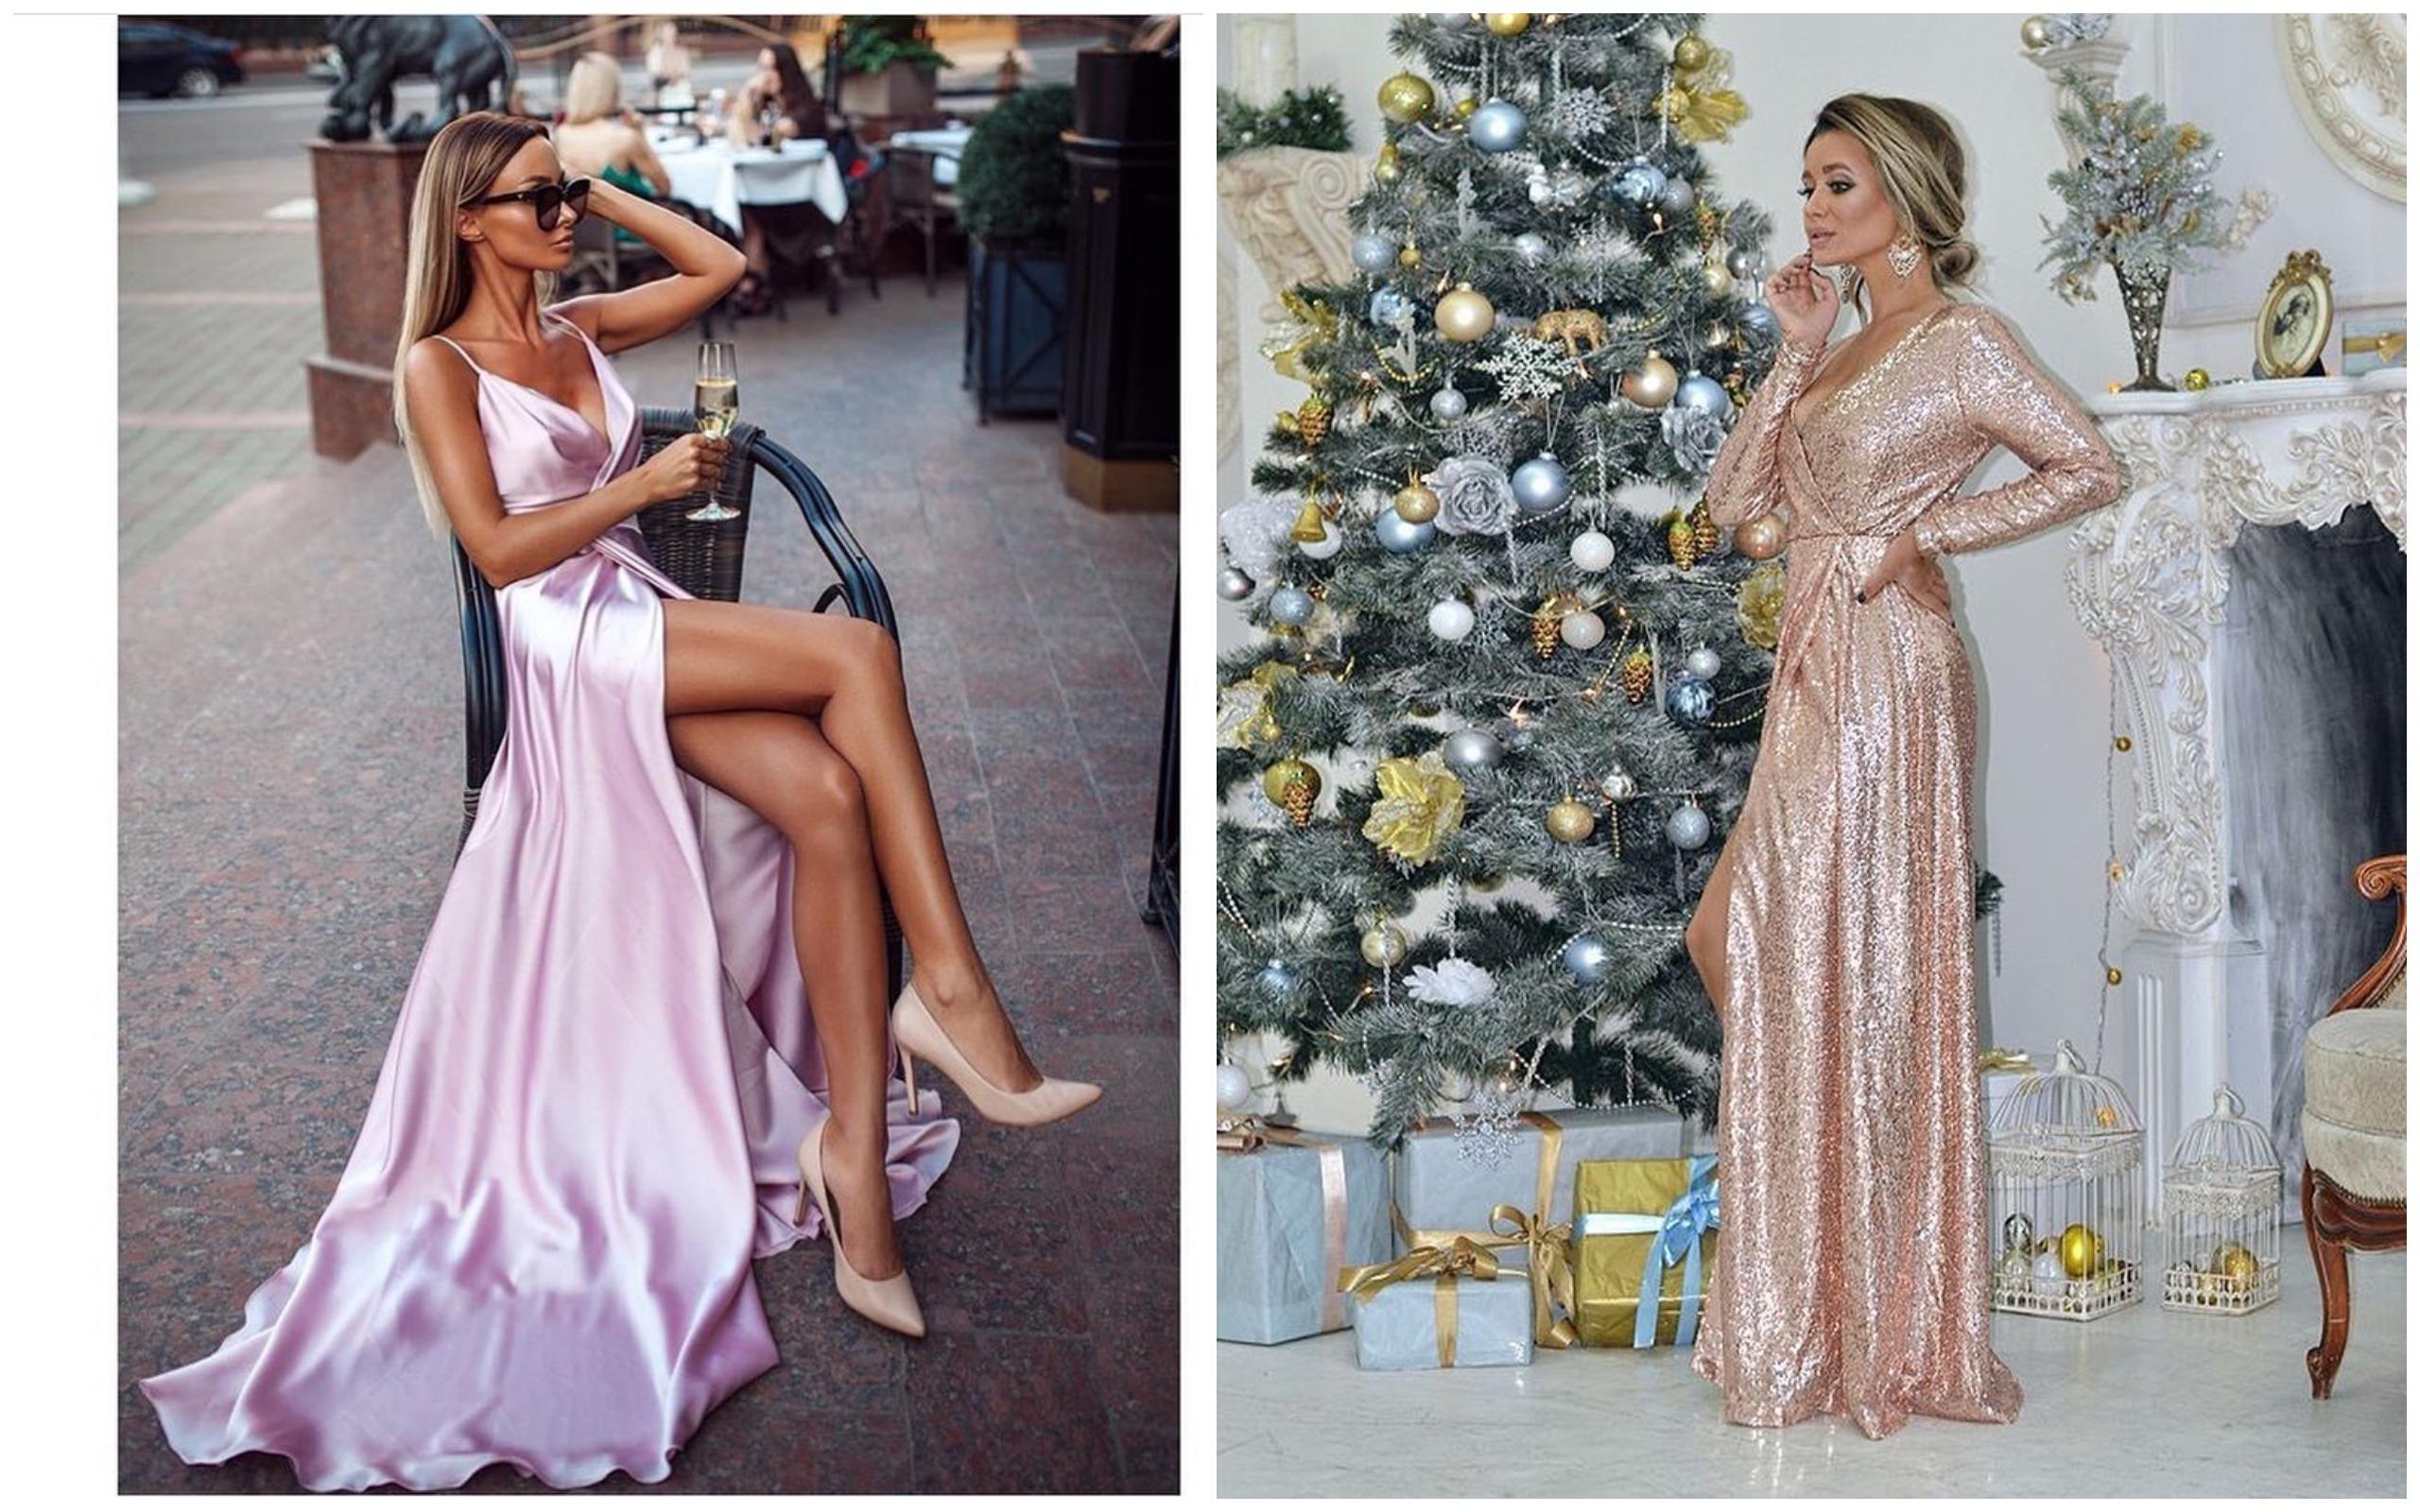 Top 7 des robe cocktail 2020: Les tendances les plus marquantes des robe cocktail 2020